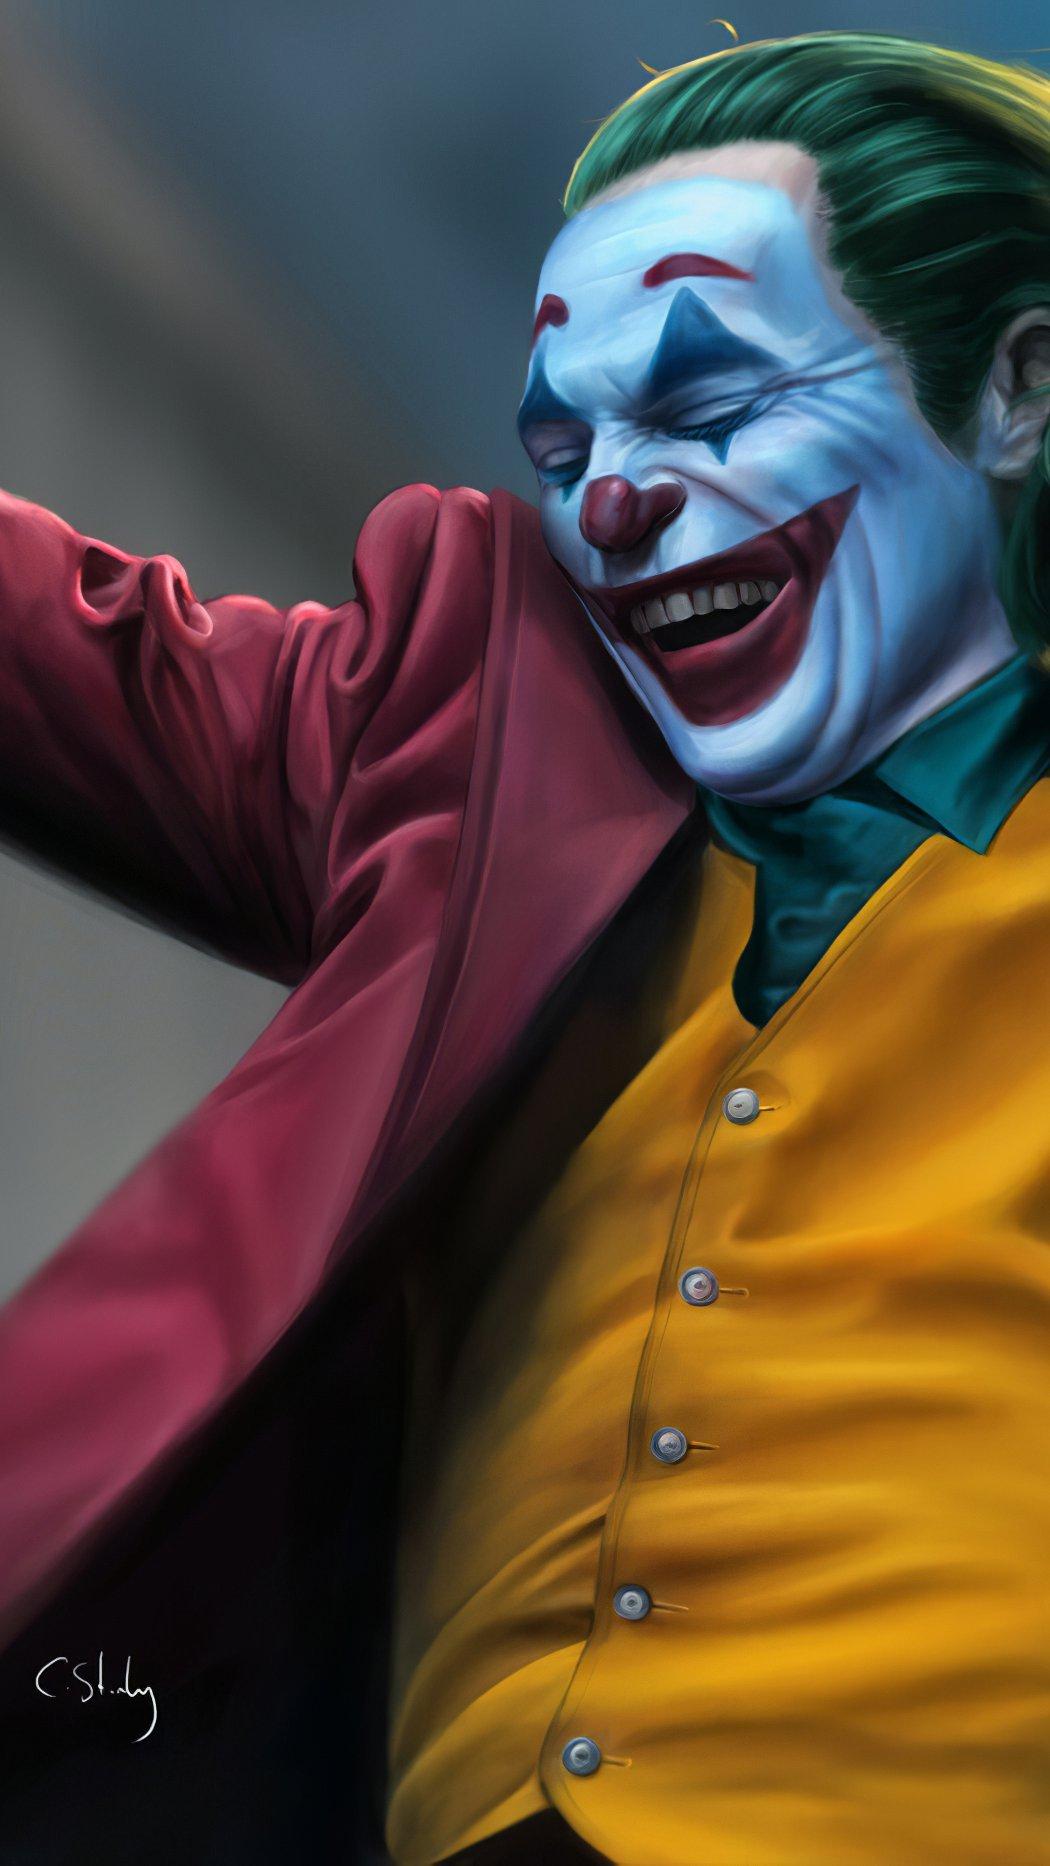 Wallpaper The Joker smiling Vertical